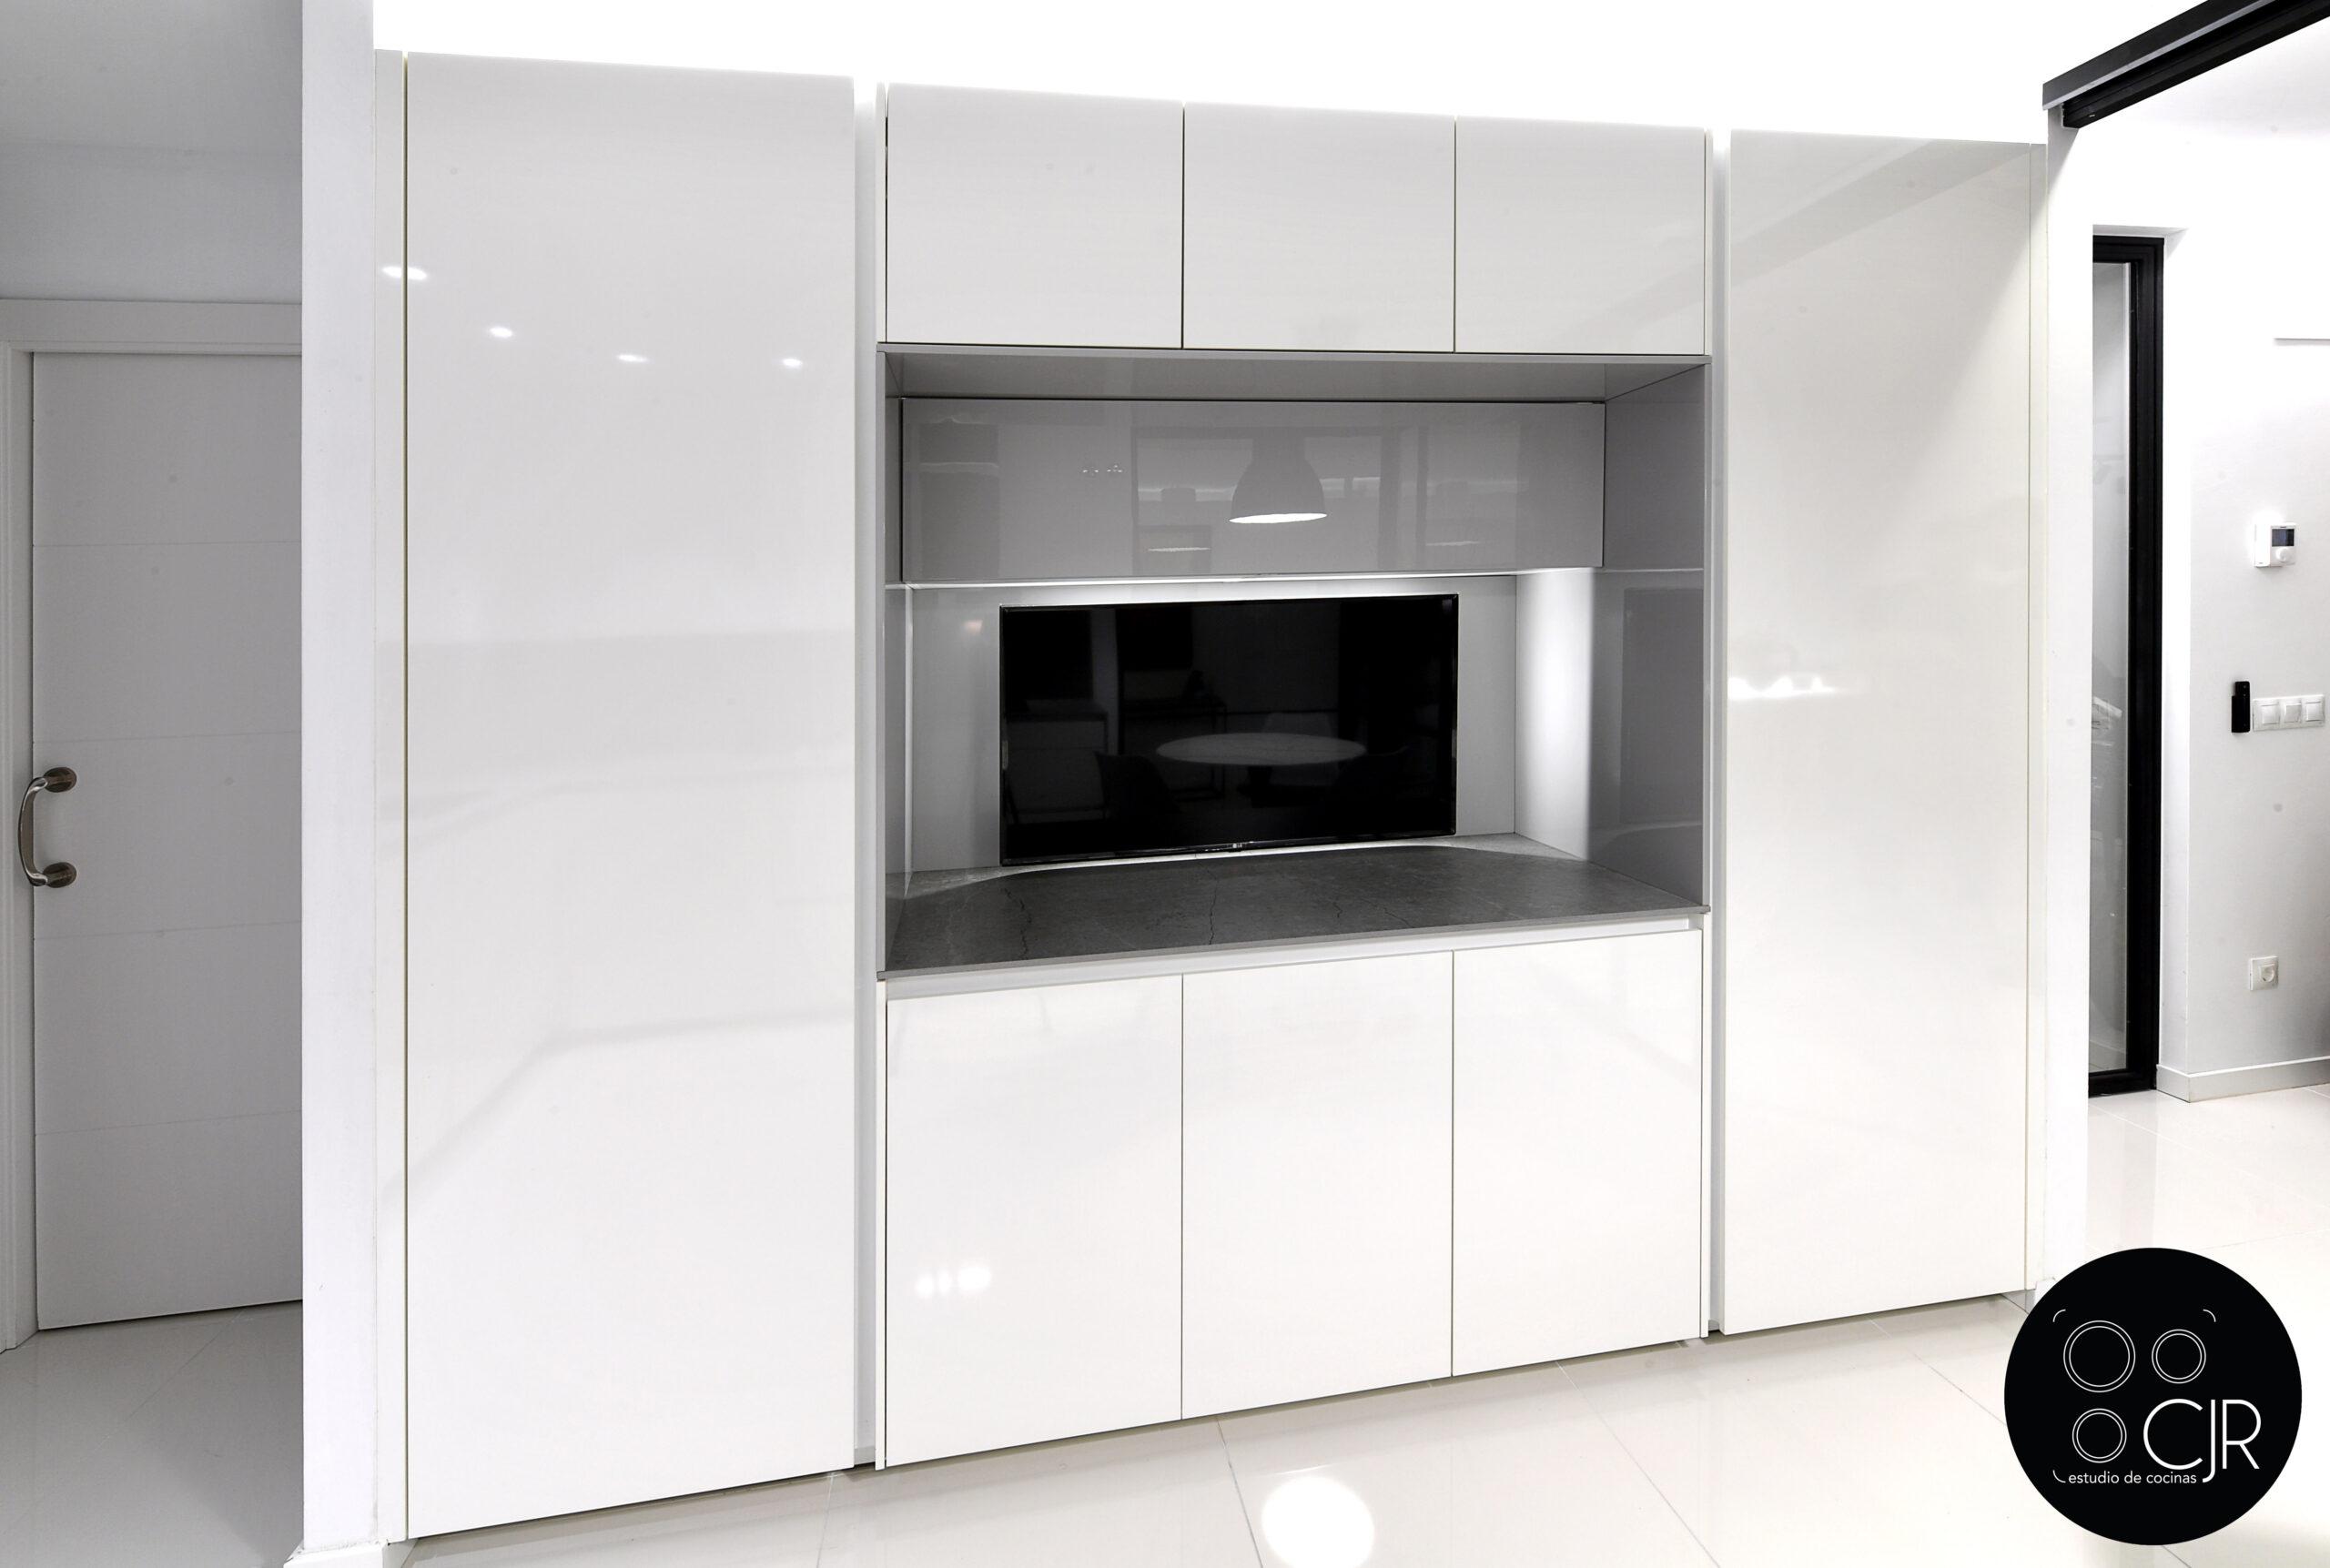 Zona torres en la cocina blanca con encimera gris marengo